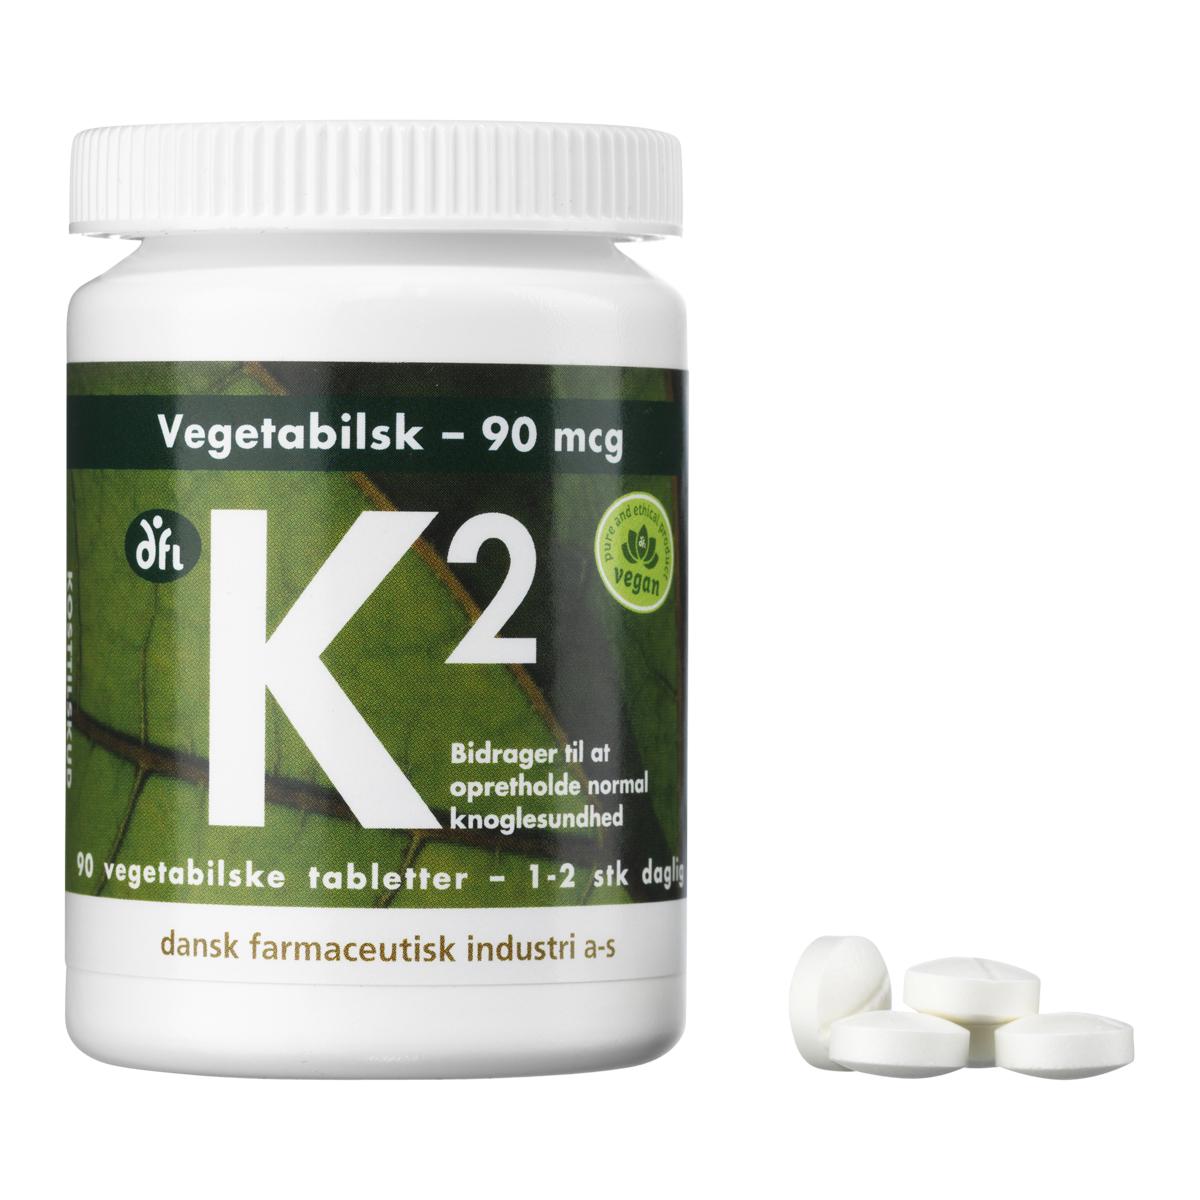 Billede af Berthelsen K2-Vitamin - 90 mcg - 90 stk.